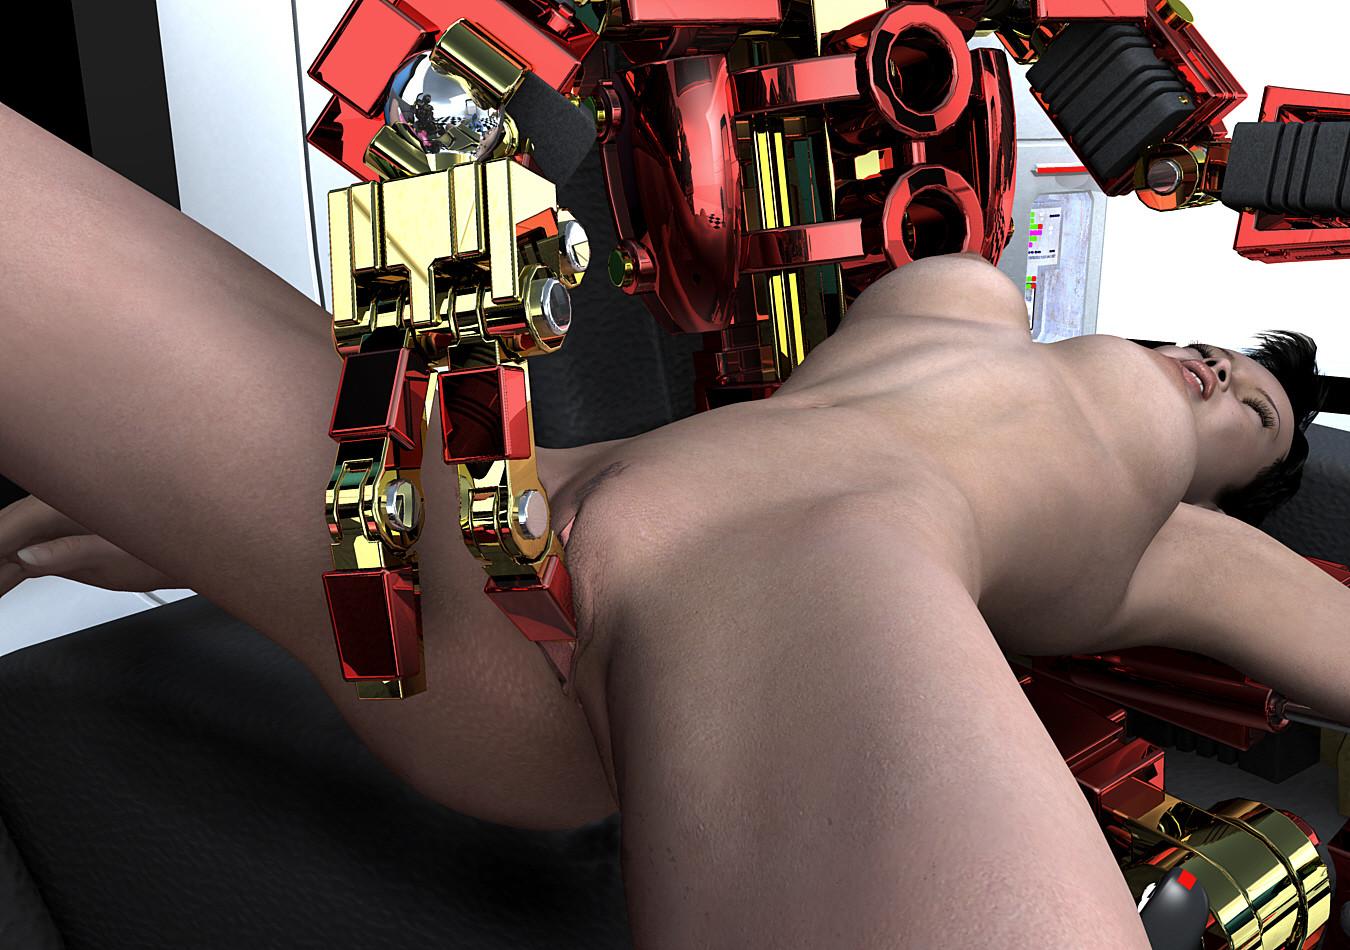 seks-robotov-video-sdelal-priyatno-svoey-suchke-smotret